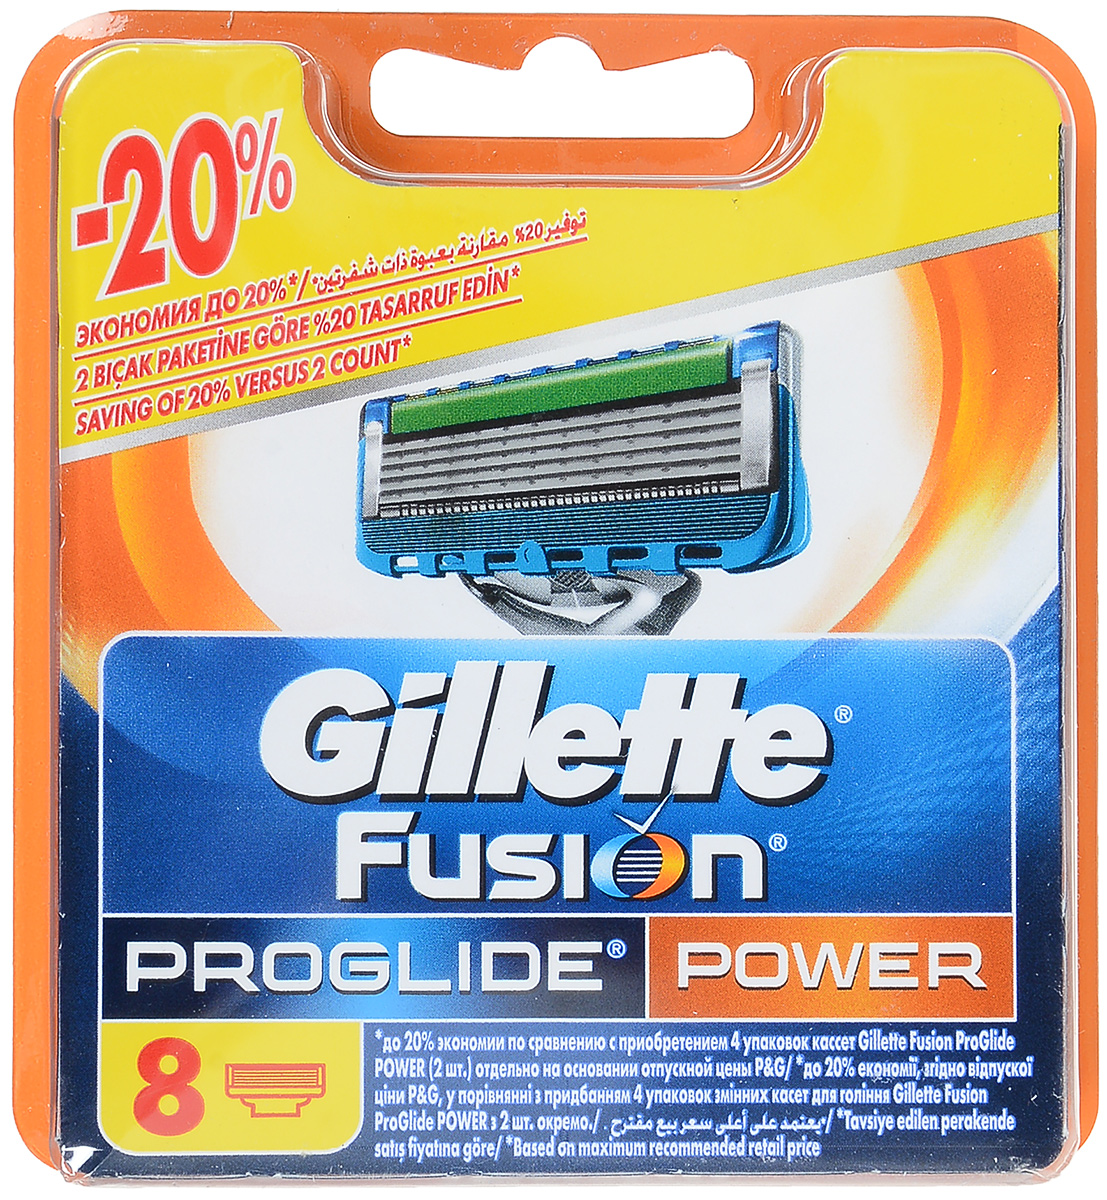 Gillette Сменные кассеты для бритья Fusion ProGlide Power, 8 штWS 7064Gillette - лучше для мужчины нет!Gillette Fusion ProGlide Power – это самая инновационная бритва от Gillette, которая обеспечивает действительно революционное скольжение и гладкость бритья.Новая бритва оснащена самыми тонкими лезвиями от Gillette со специальным покрытием, снижающим сопротивление. Для революционного скольжения и невероятной гладкости бритья, даже по сравнению с Fusion.Невооруженным глазом вы можете не заметить все последние инновации в НОВЫХ бритвах Gillette Fusion ProGlide и Gillette Fusion ProGlide Power, но после первого раза вы почувствуете, что бритье превратилось в скольжение.При покупке упаковки сменных кассет ProGlide или ProGlide Power из 8 шт. вы экономите до 20% по сравнению с покупкой четырех упаковок из 2 шт. (на основании отпускной цены Procter&Gamble).Самые тонкие лезвия от Gillette для революционного скольжения и гладкости бритья(первые лезвия в кассетах Fusion ProGlide тоньше, чем лезвия Fusion).Расширенная увлажняющая полоска с минеральными маслами и полимерами обеспечивает лучшее скольжение.Каналы для удаления излишков геля гарантируют максимально комфортное бритье.Улучшенное лезвие-триммер оптимизирует бритье на сложных участках: виски, область под носом, шея.Стабилизатор лезвий поддерживает оптимальное расстояние между лезвиями во время бритья.Микрорасческа направляет волоски к лезвию для более гладкого бритья.Товар сертифицирован.